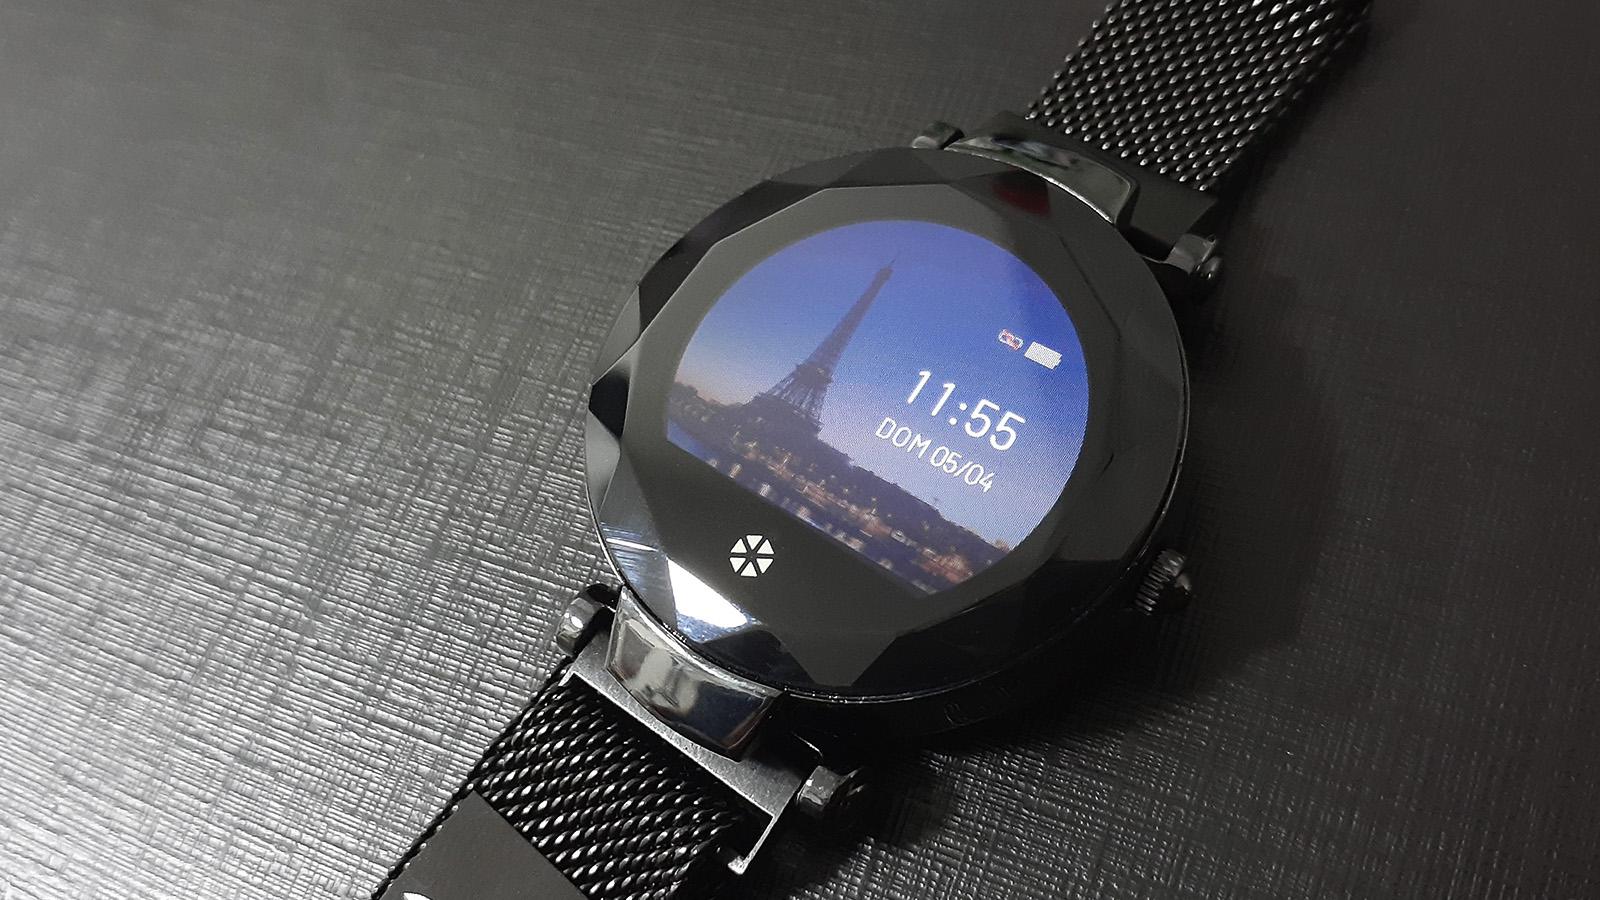 Đồng hồ thông minh Atrio Paris thông minh, thanh lịch và thanh lịch 2